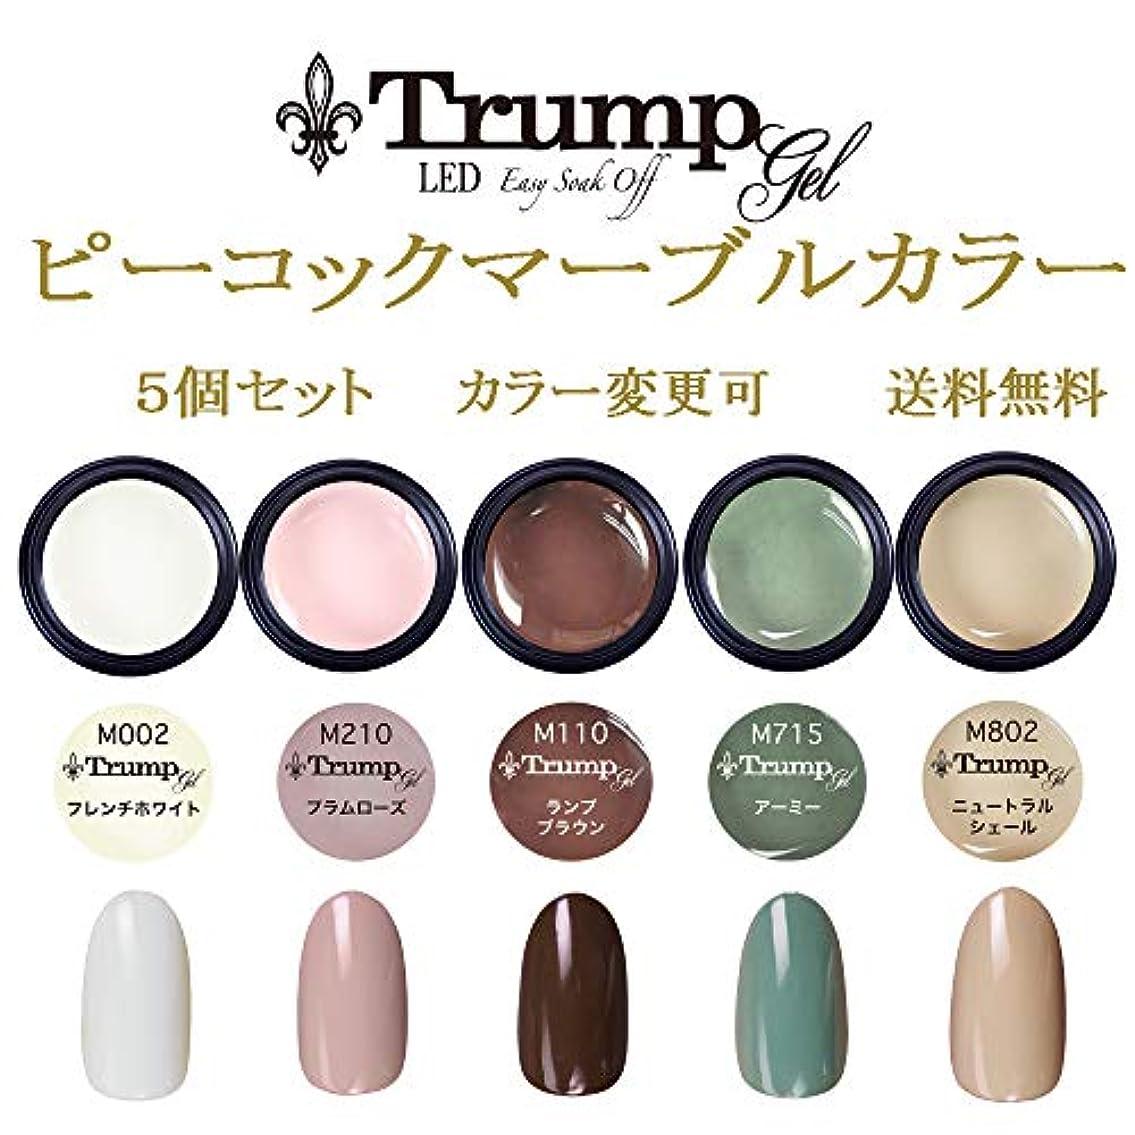 信仰意味のある余計な【送料無料】日本製 Trump gel トランプジェル ピーコックマーブル カラージェル 5個セット 魅惑のフロストマットトップとマットに合う人気カラーをチョイス